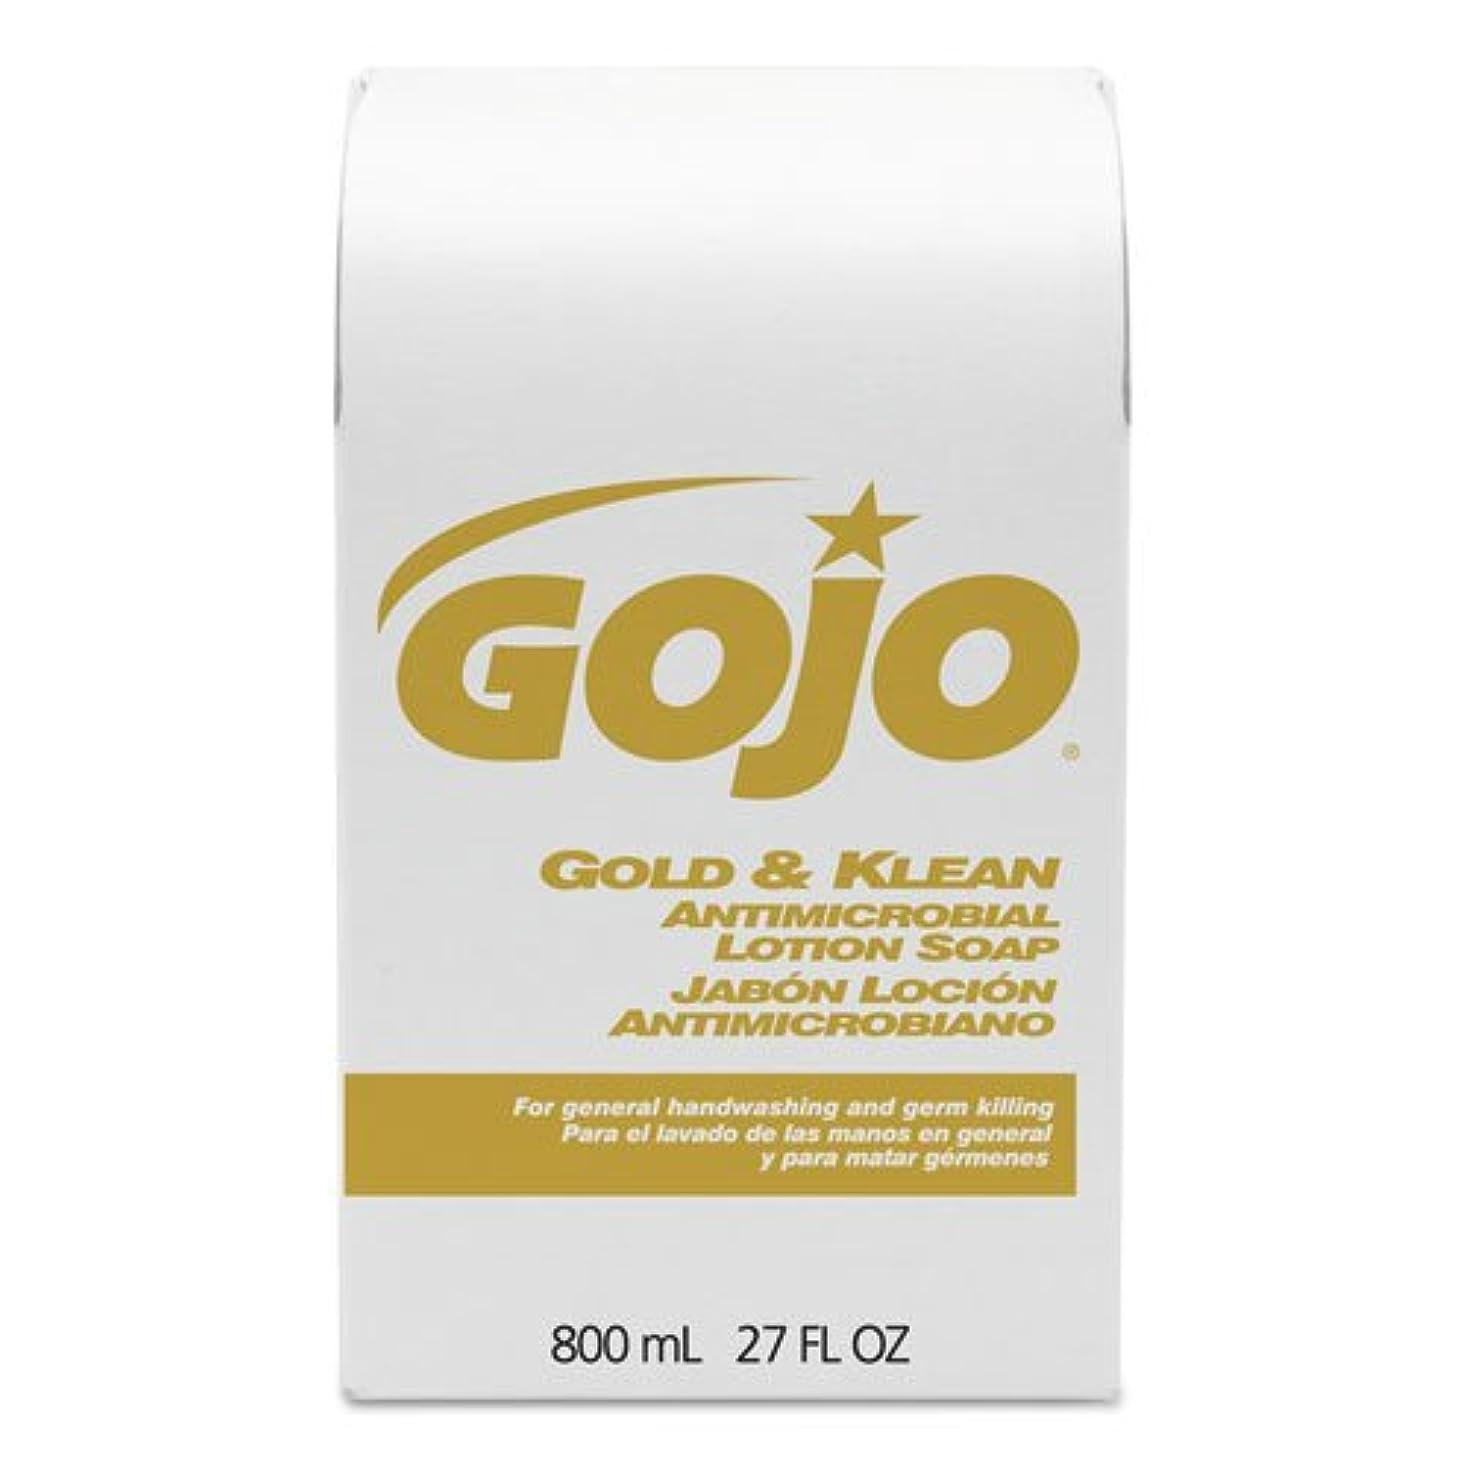 取り戻すそれぞれおっとgoj912712ea – ゴールドAmp ; KleanローションSoap bag-in-boxディスペンサー詰め替え